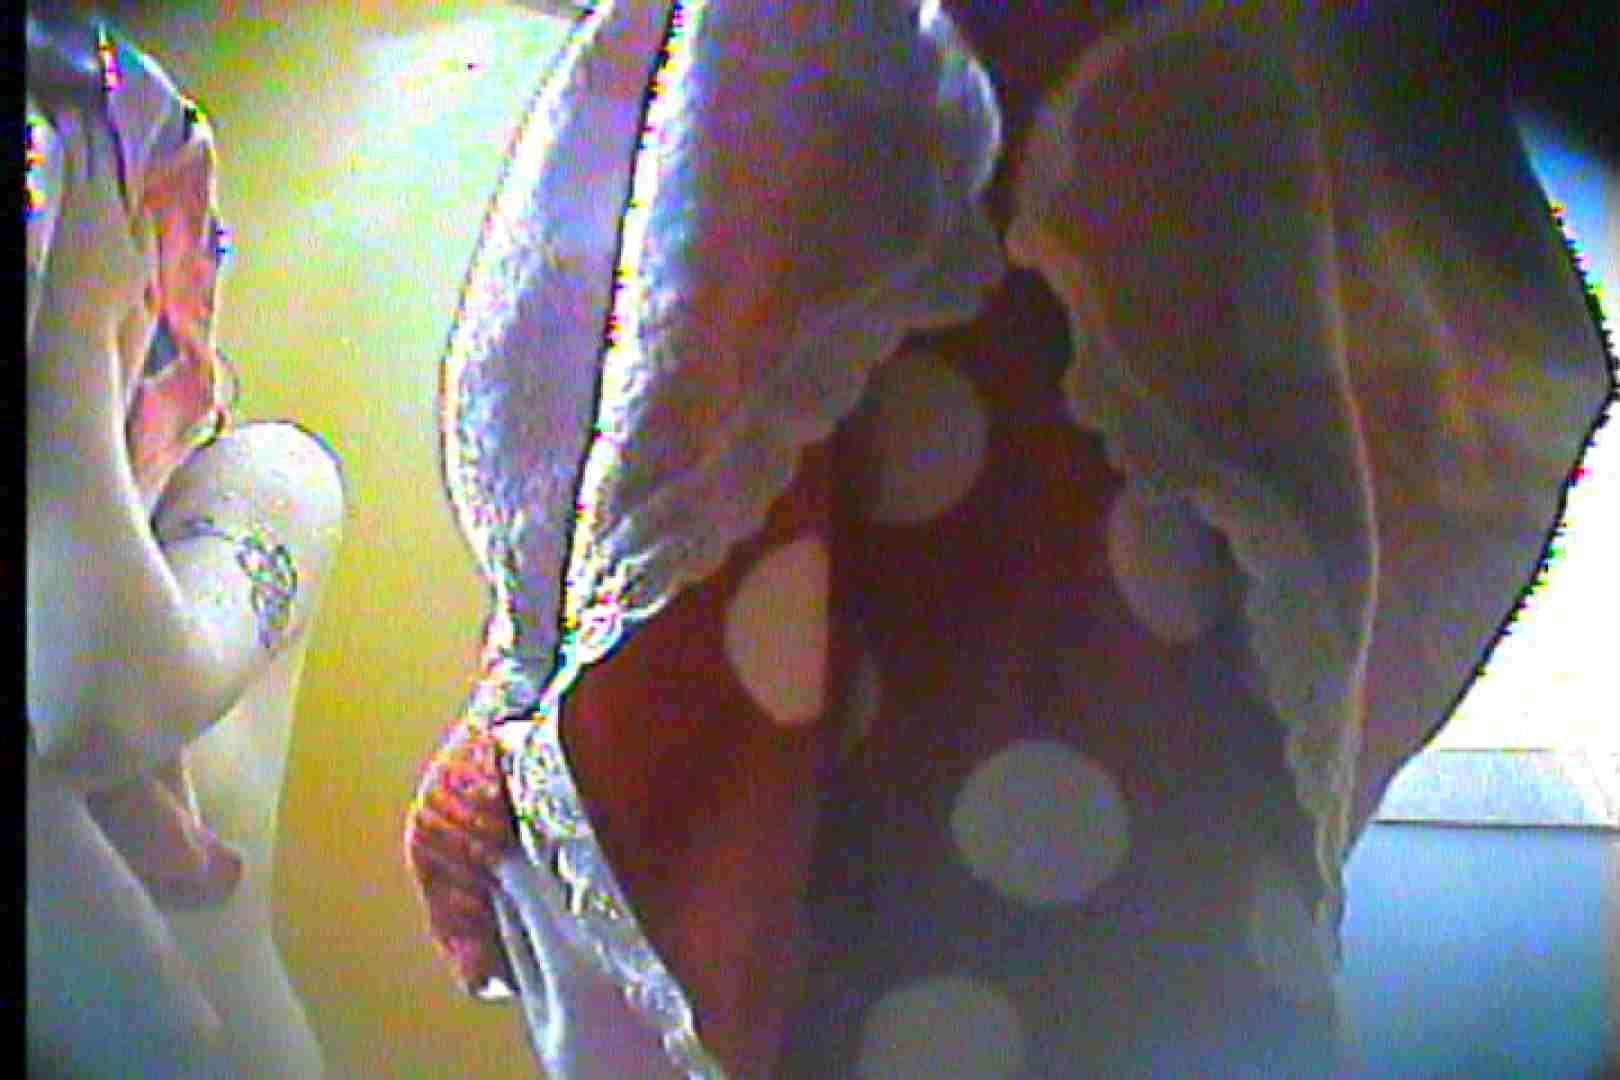 海の家の更衣室 Vol.44 シャワー 盗み撮り動画キャプチャ 74PIX 71